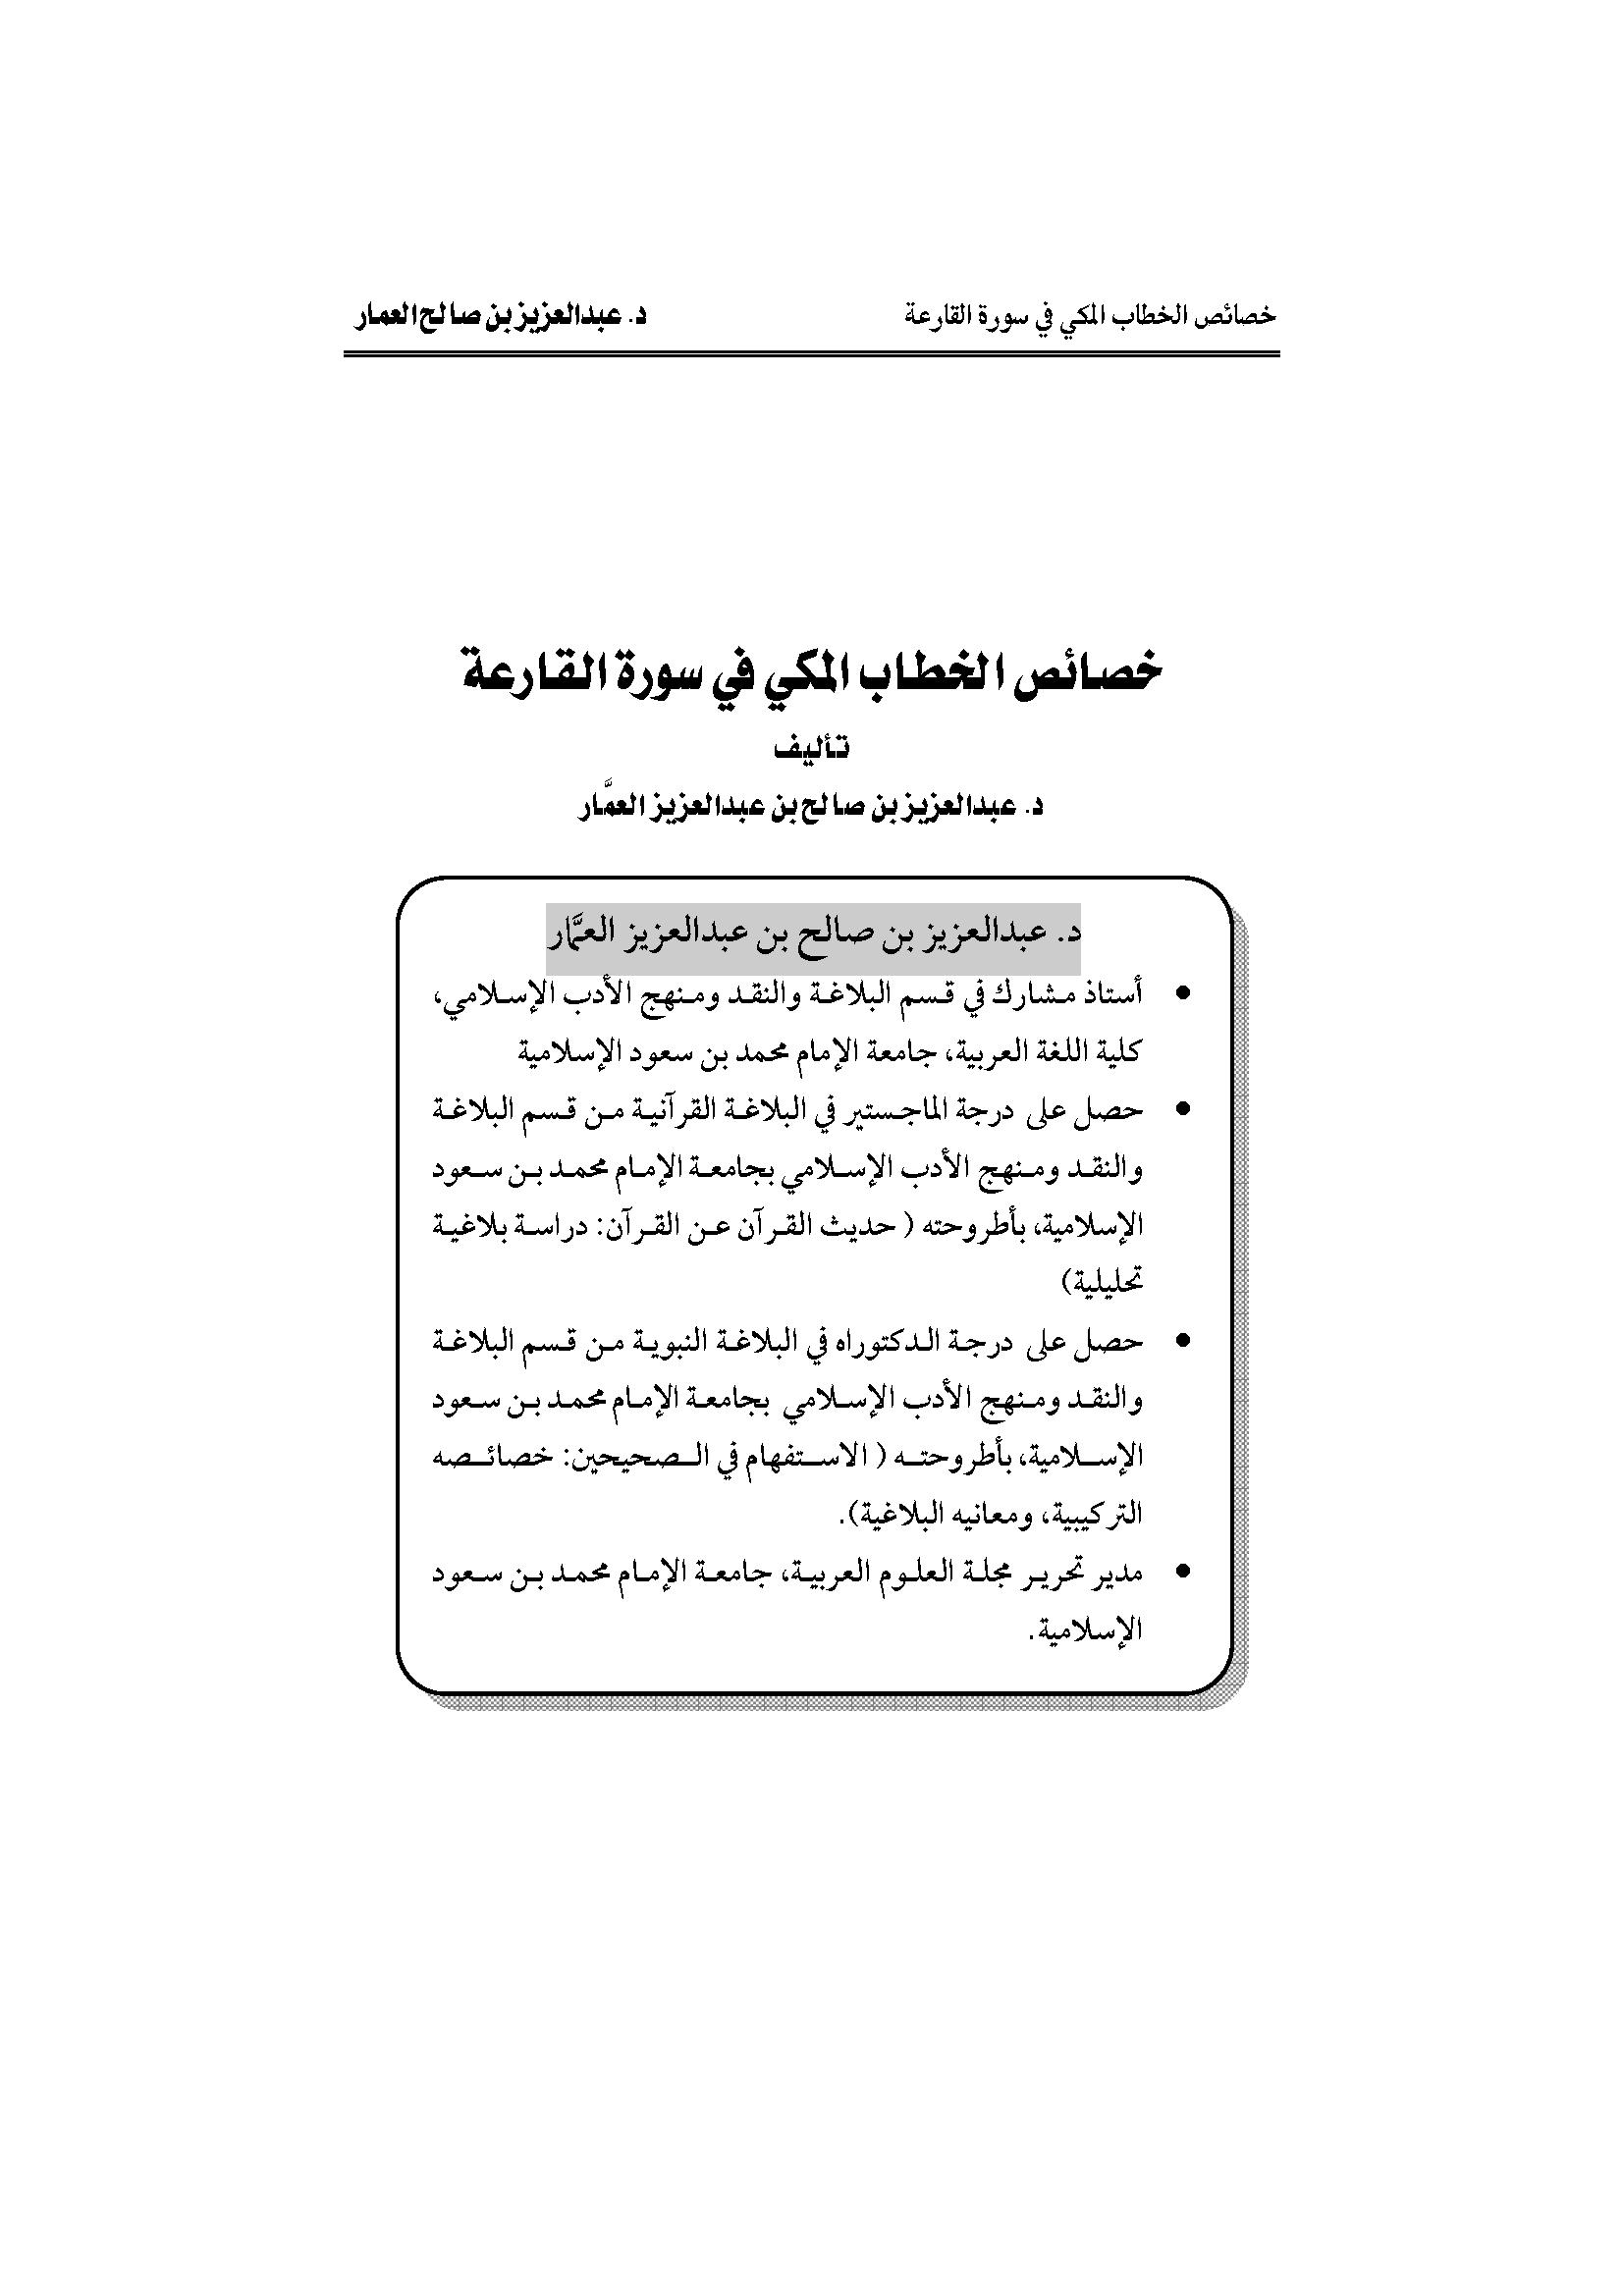 تحميل كتاب خصائص الخطاب المكي في سورة الواقعة لـِ: الدكتور عبد العزيز بن صالح بن عبد العزيز العمار